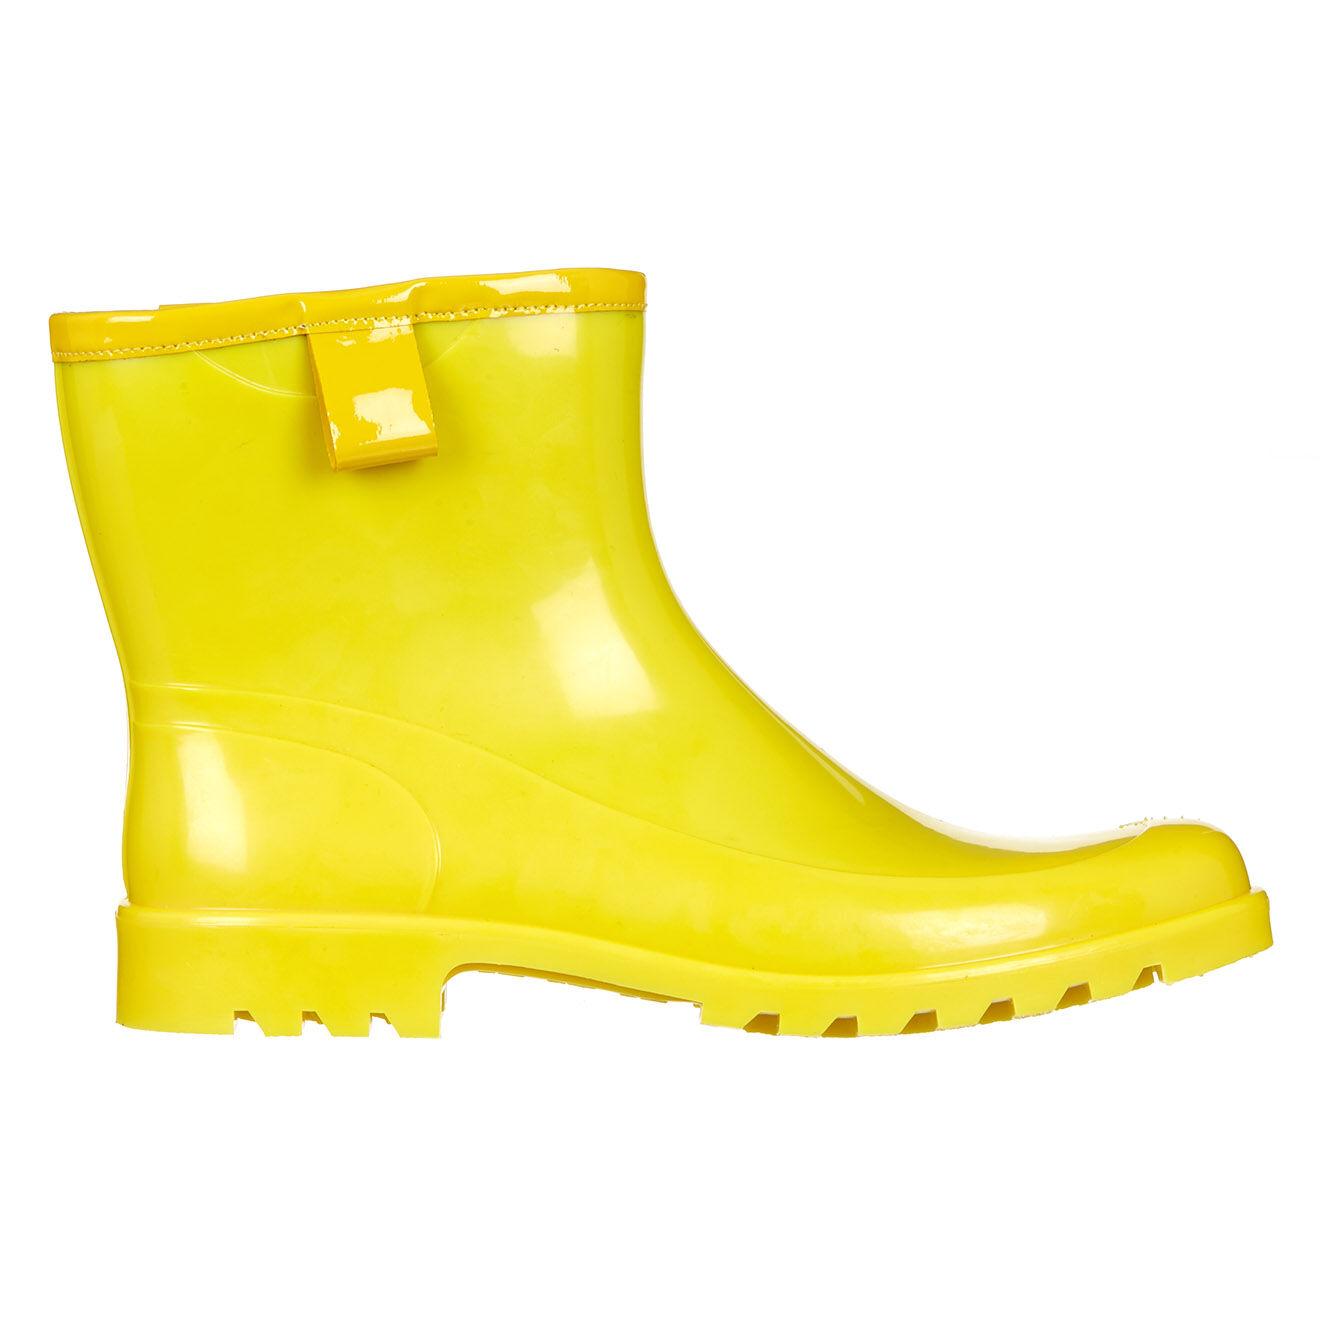 Bottines de pluie jaunes - Talons 3 cm